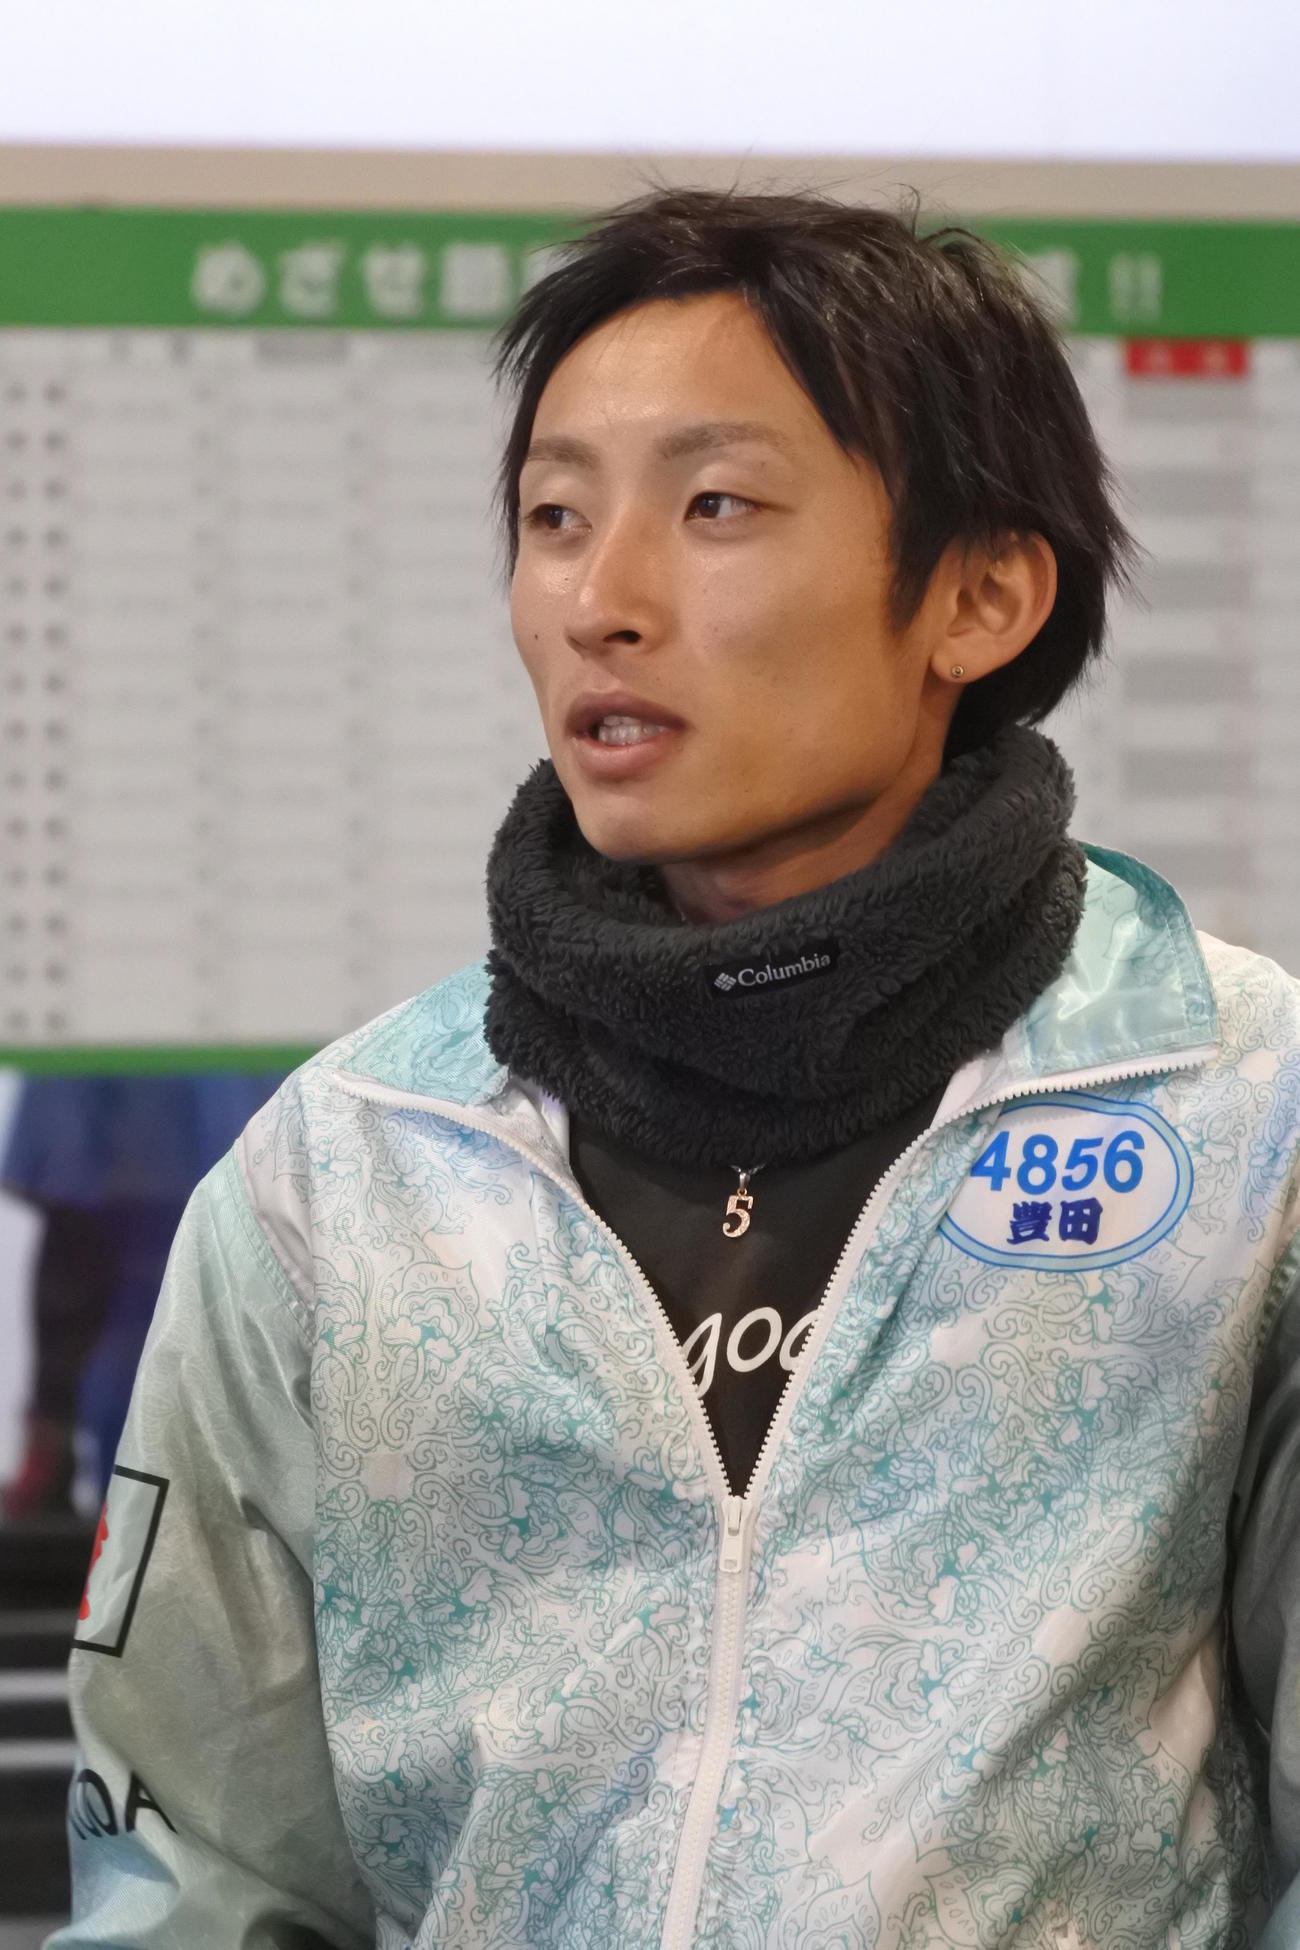 豊田健士郎がオール2連対をキープし、堂々の予選トップ通過を決めた